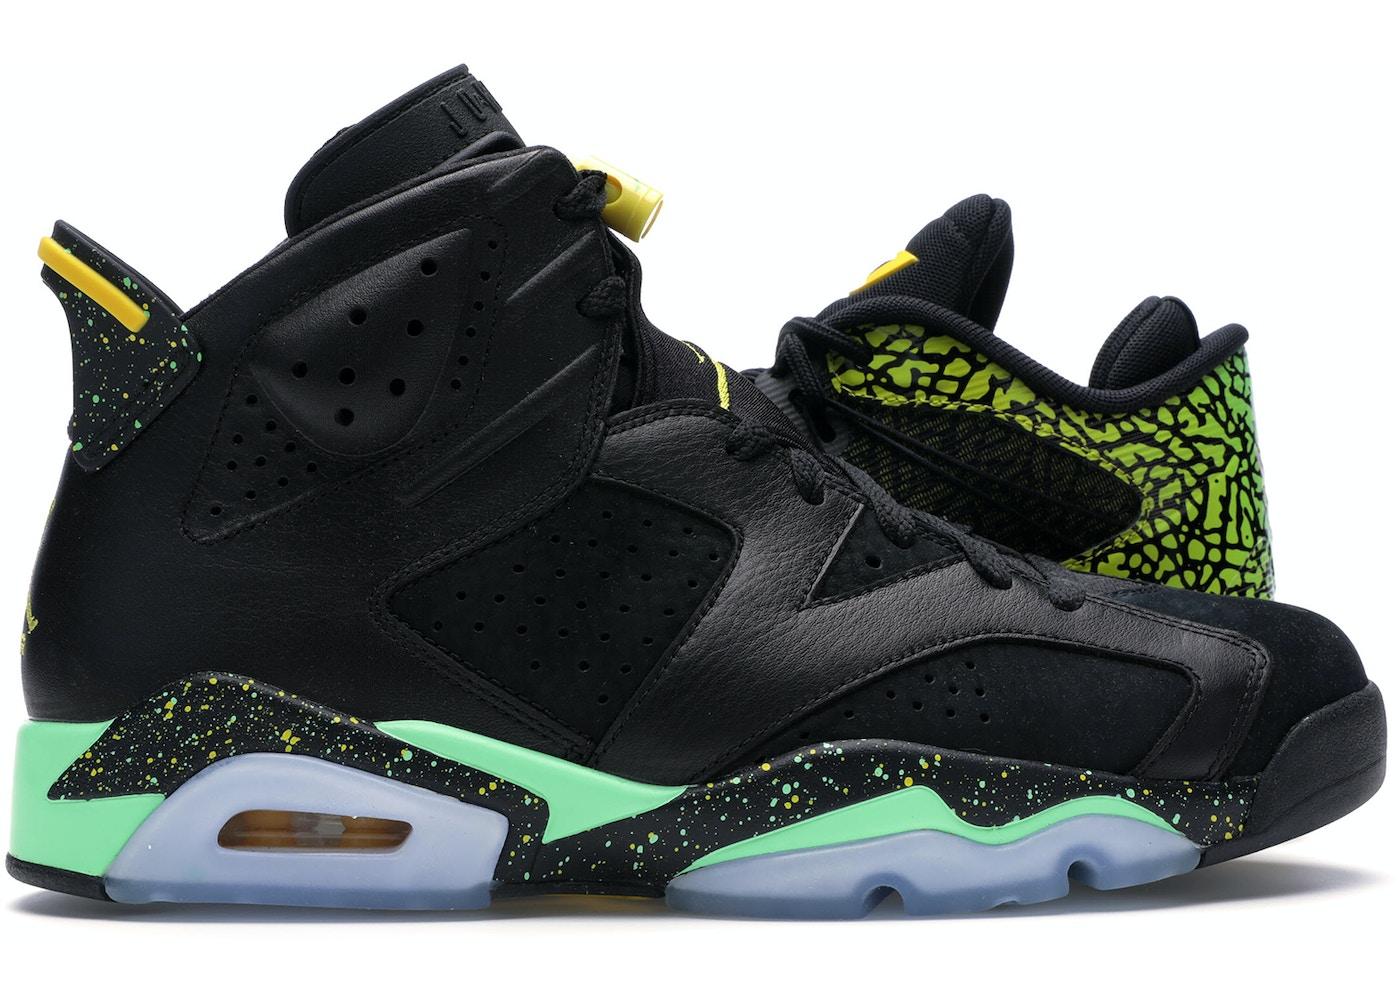 4bfed0a6465 Buy Air Jordan Packs Shoes & Deadstock Sneakers